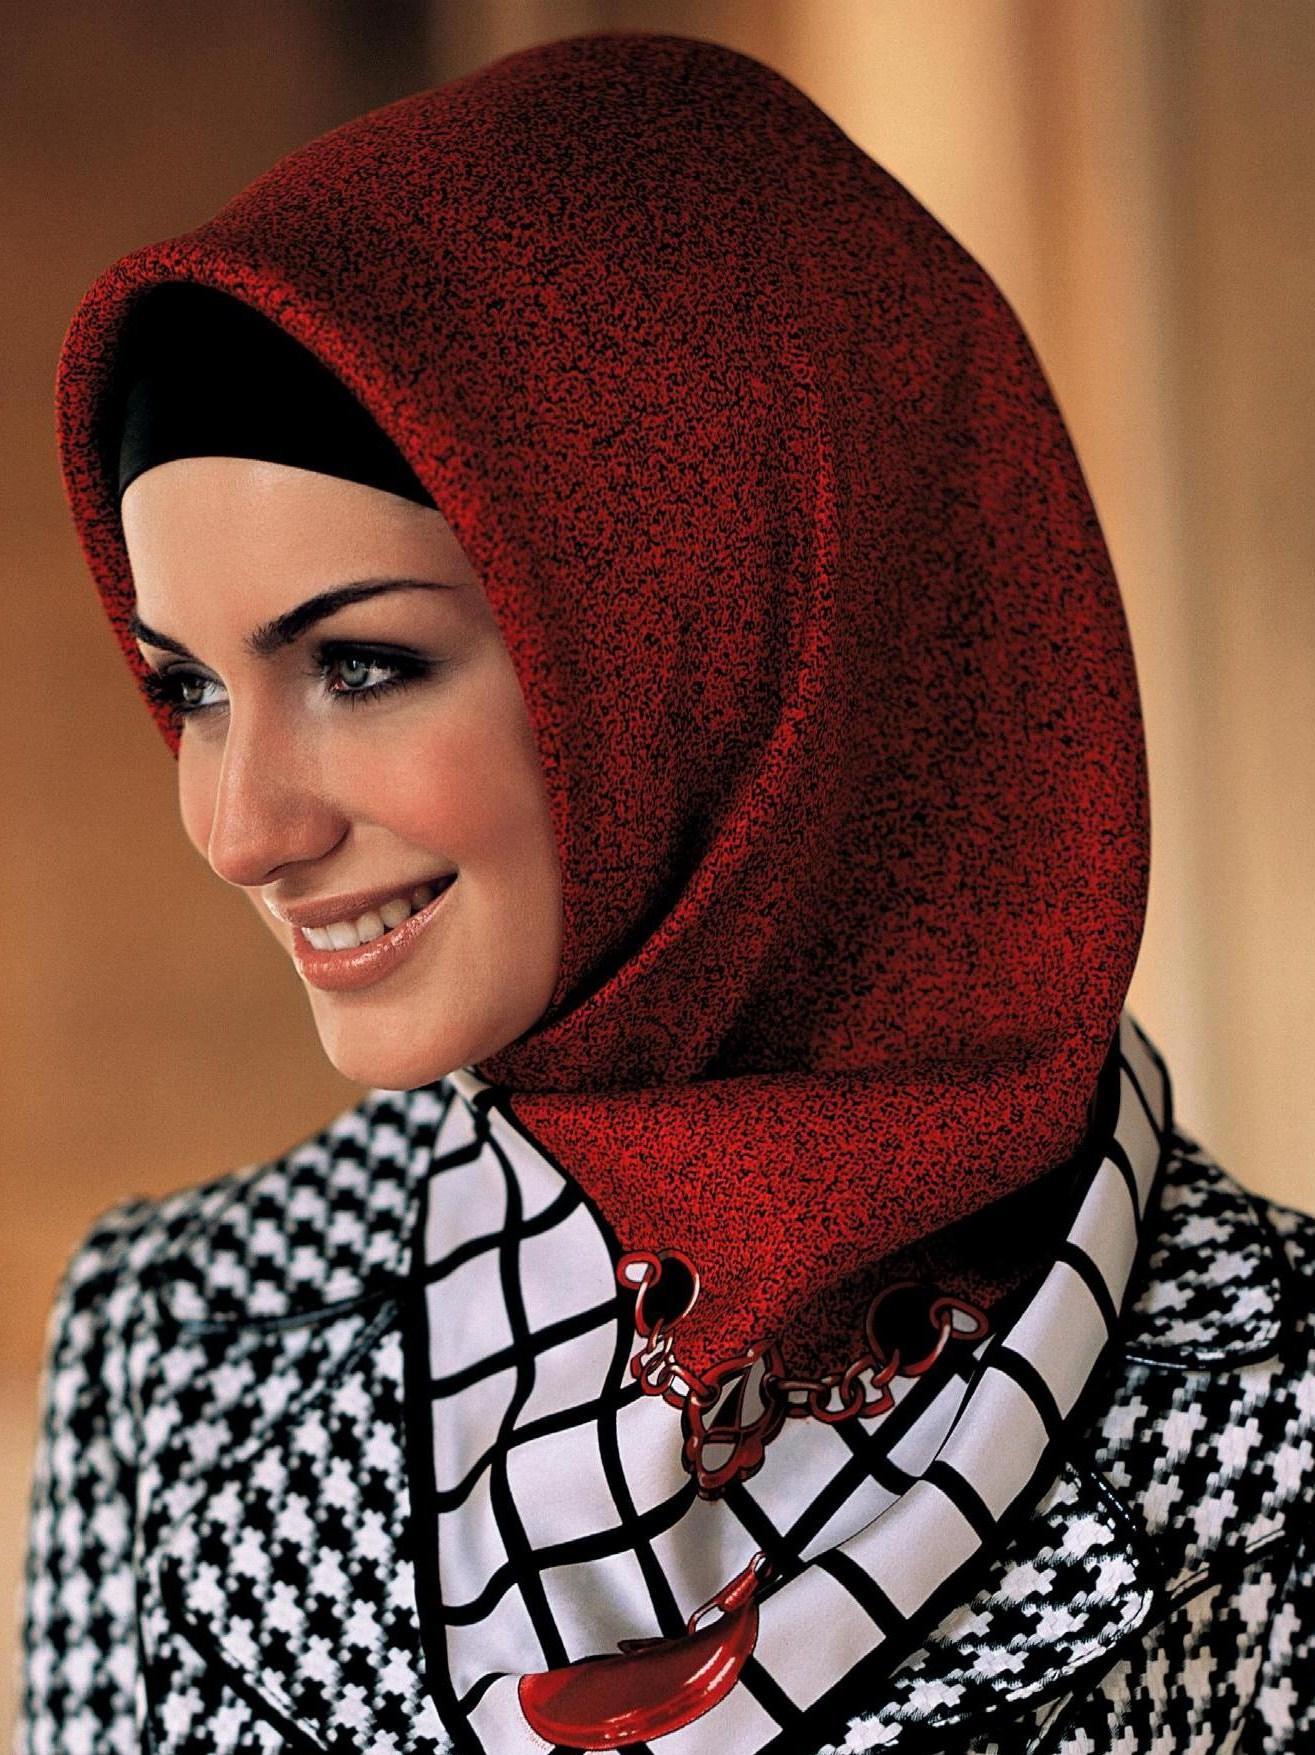 بالصور صور بنت محجبه , بيستات بنات محجبات مميزة 3635 9